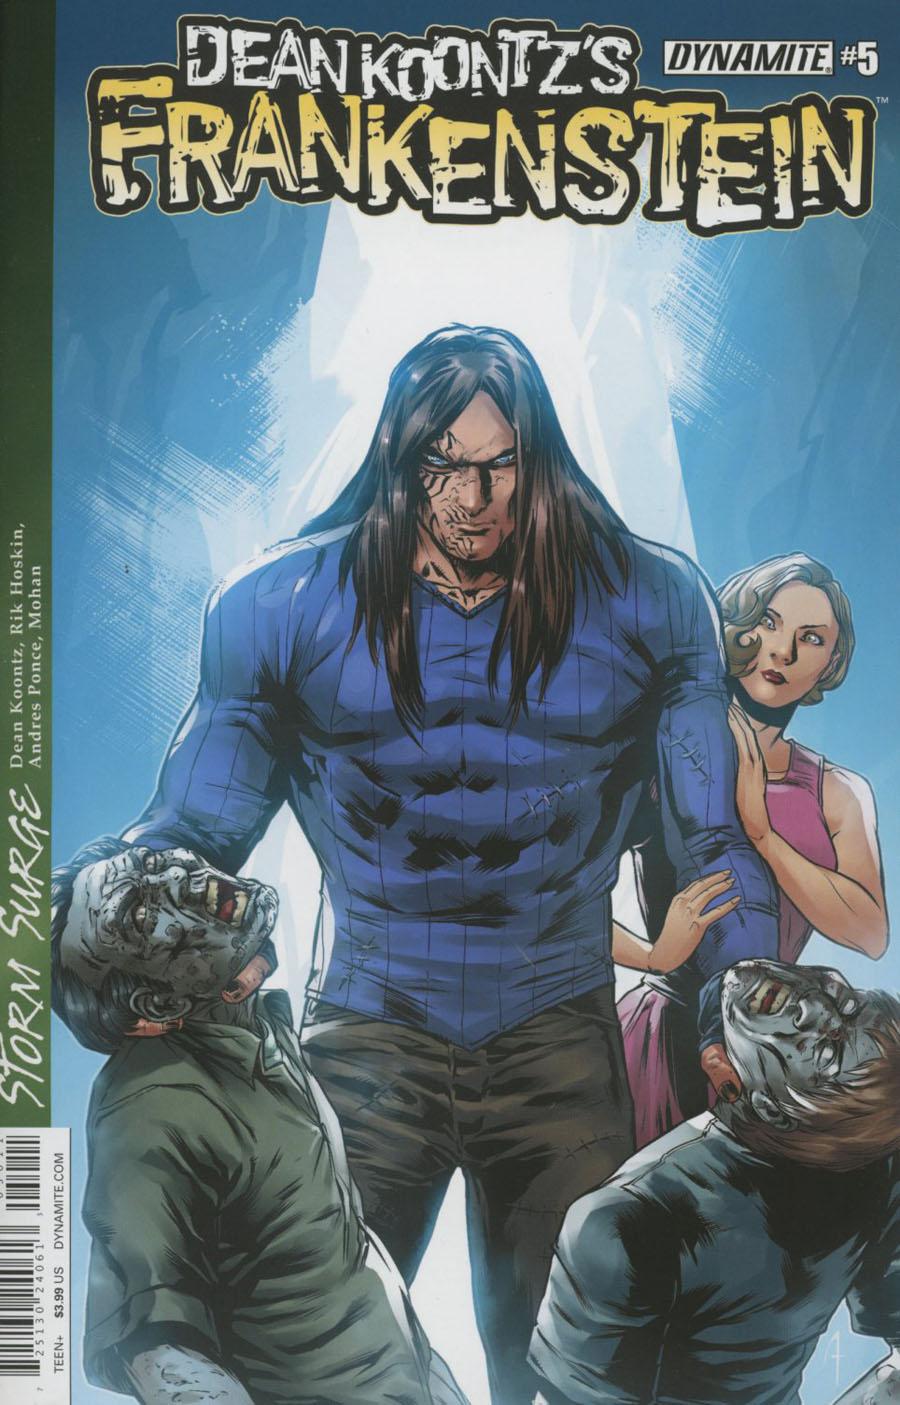 Dean Koontzs Frankenstein Storm Surge #5